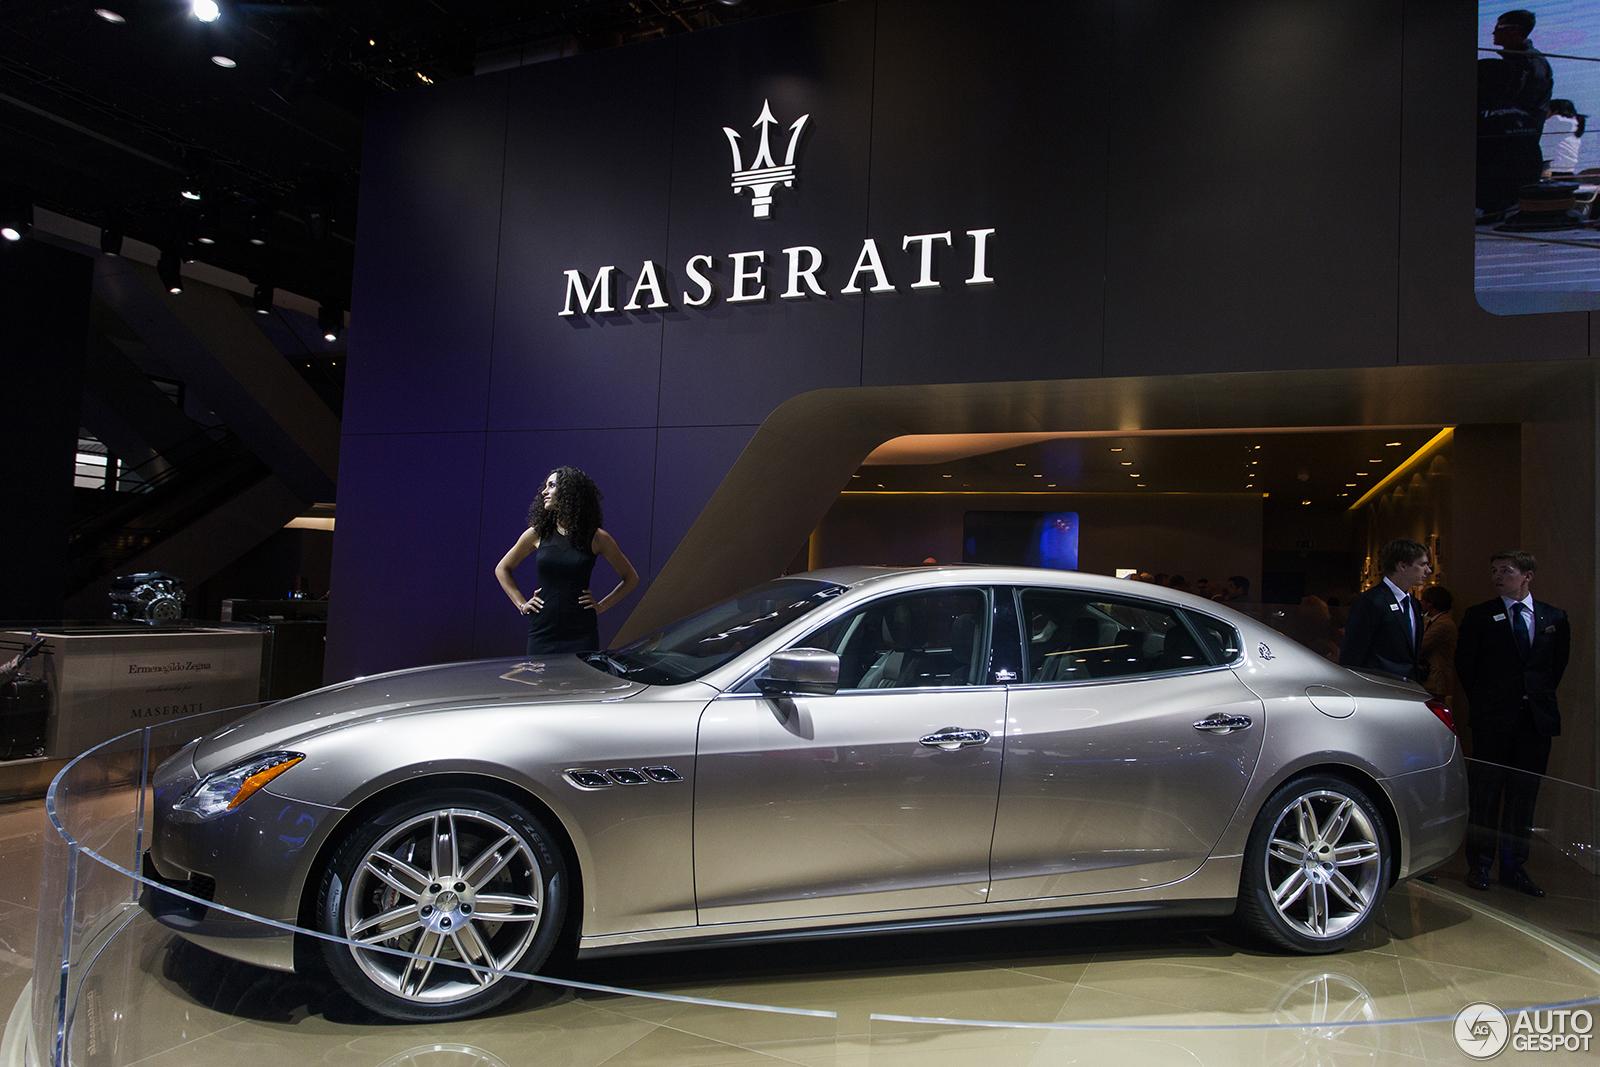 IAA 2013: Maserati Quattroporte Ermenegildo Zegna Limited Edition